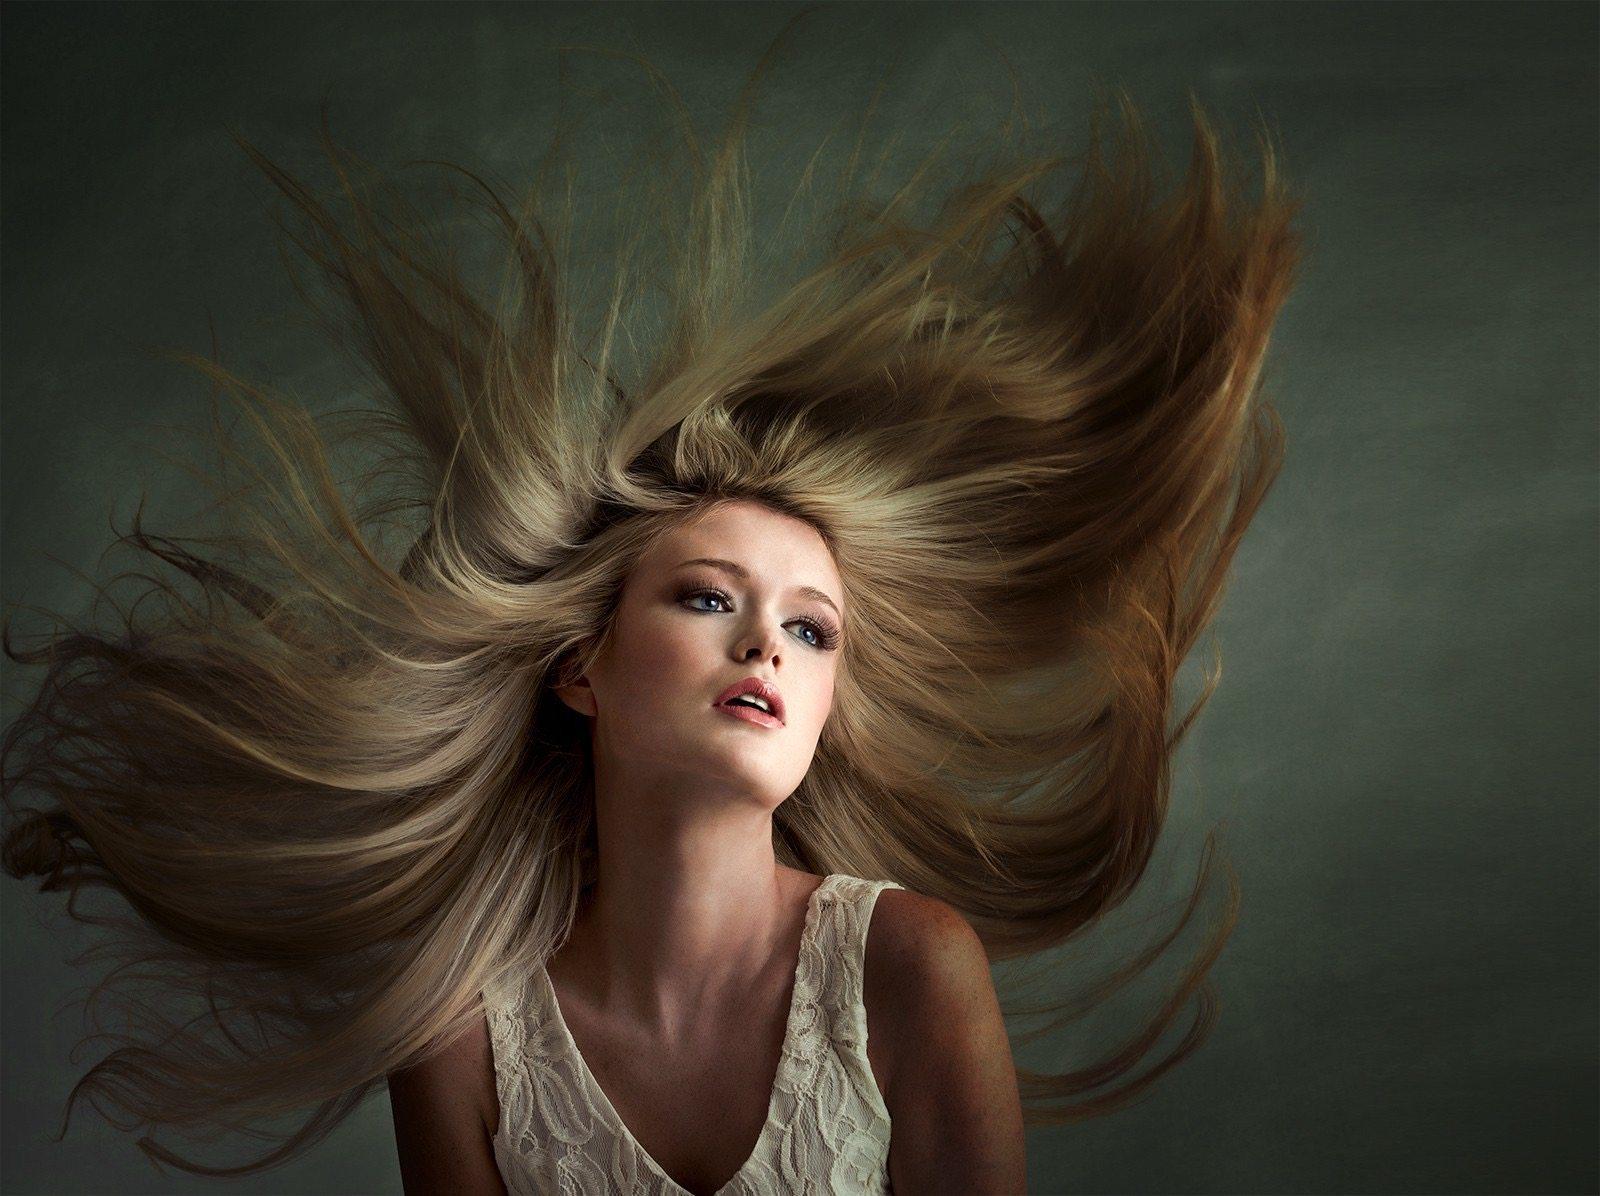 Выдергиваю волосы фото тренировками